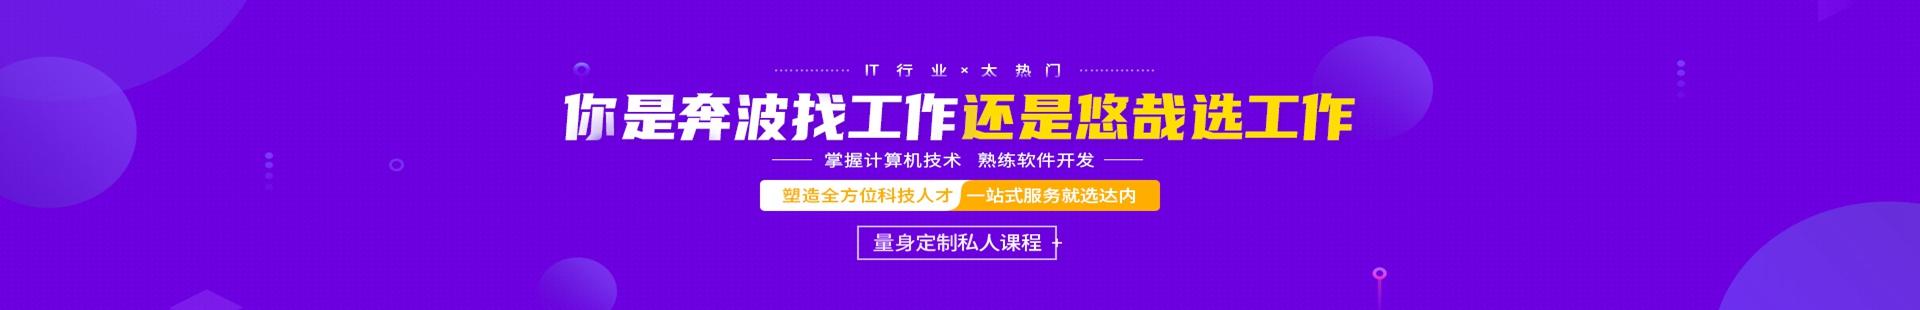 南京達內IT教育